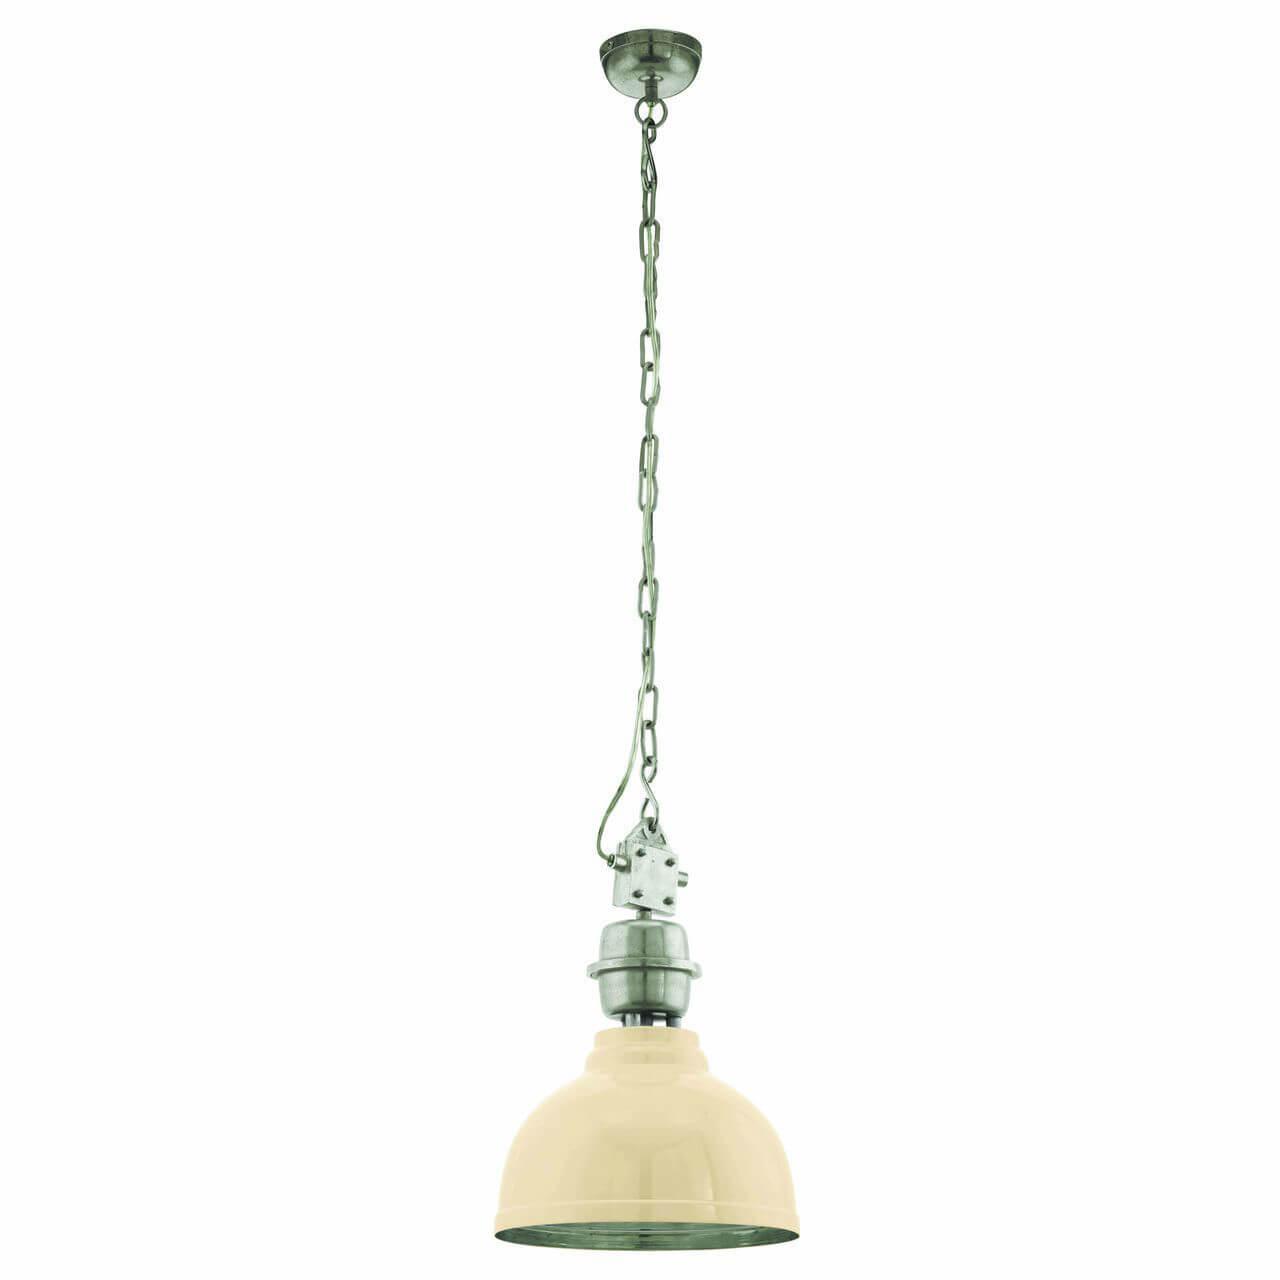 купить Подвесной светильник Eglo Grantham 49172 недорого